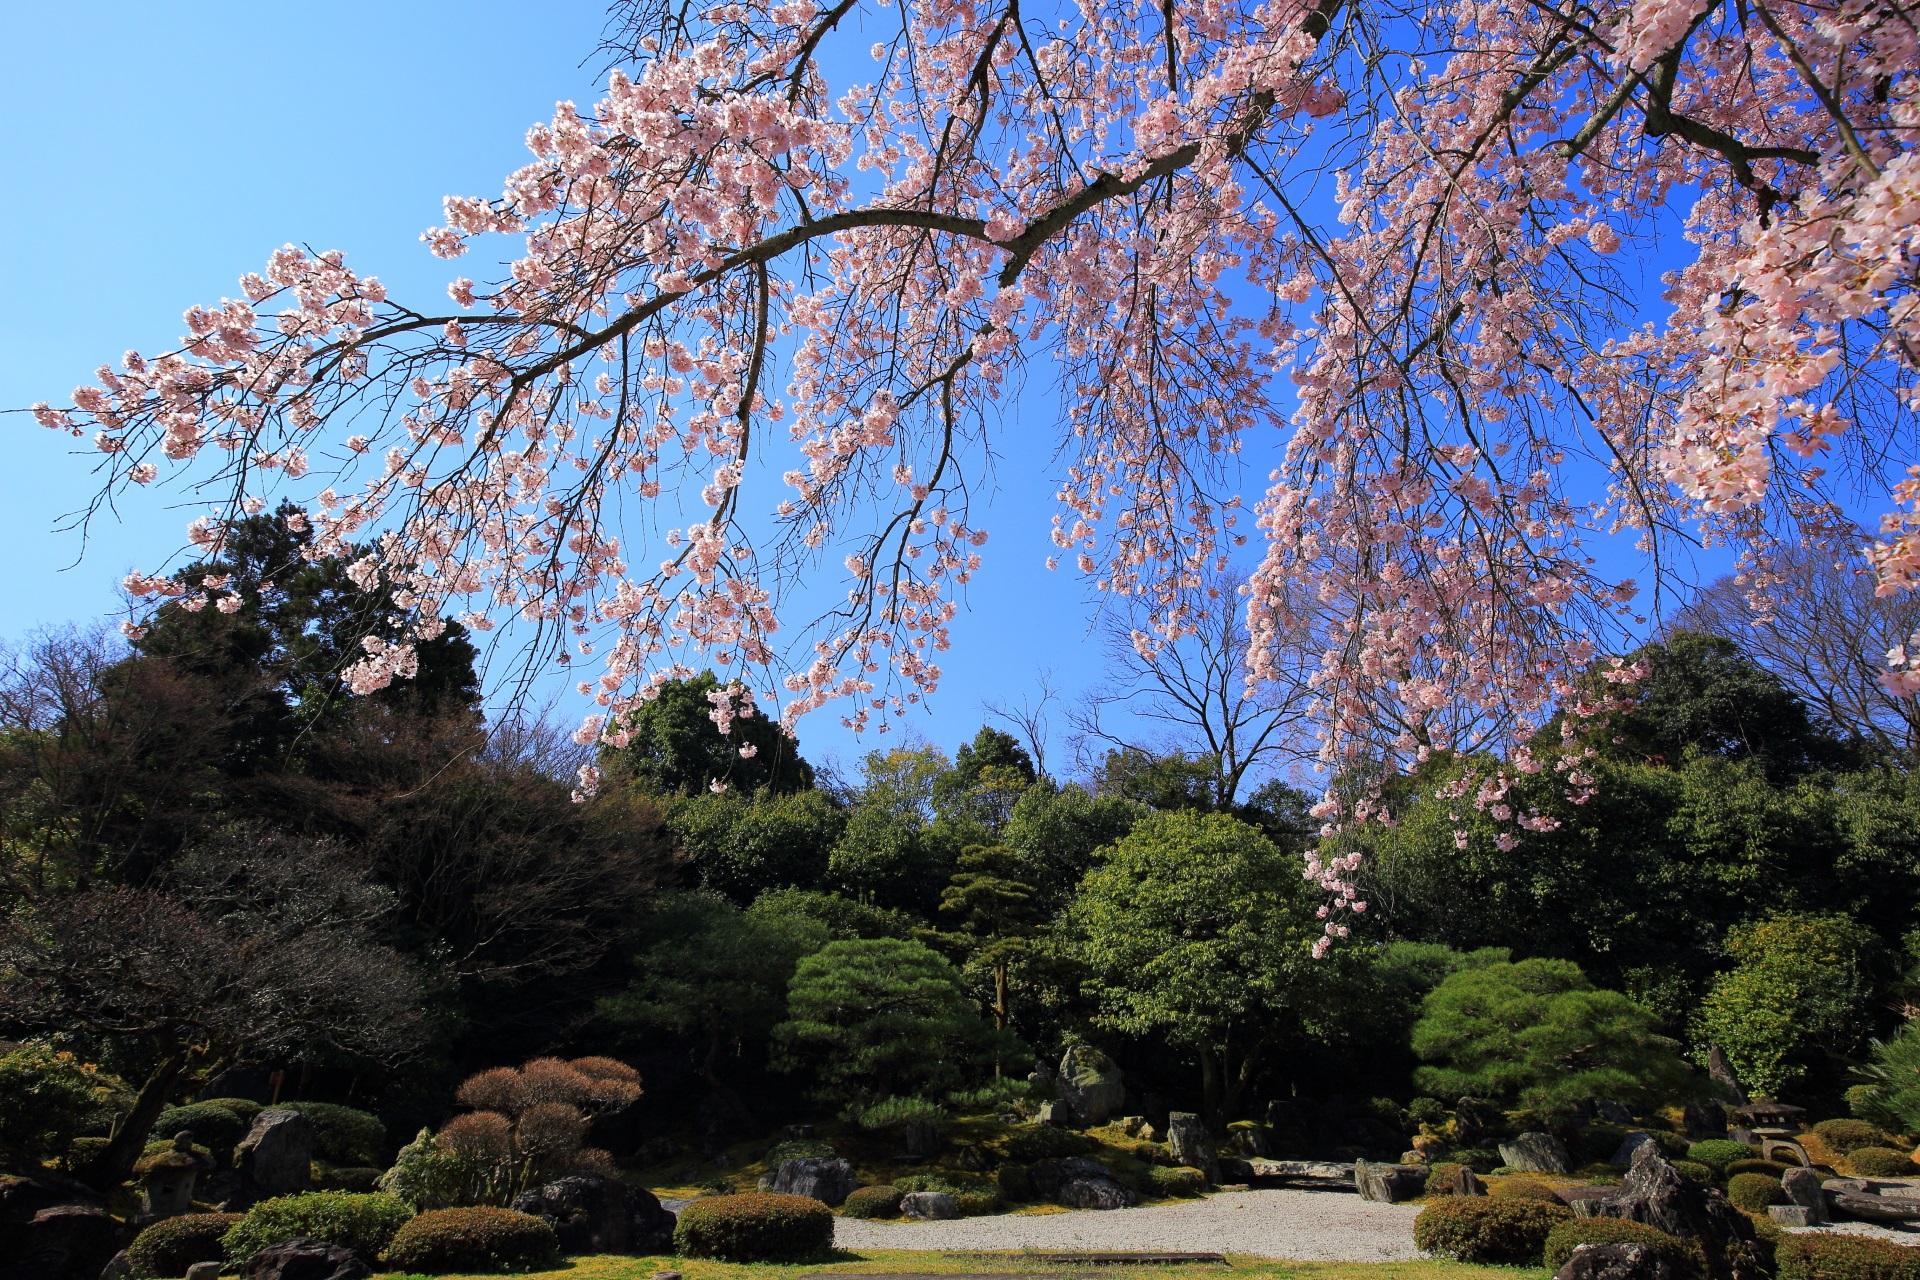 石庭に降りかかるような華やかな桜